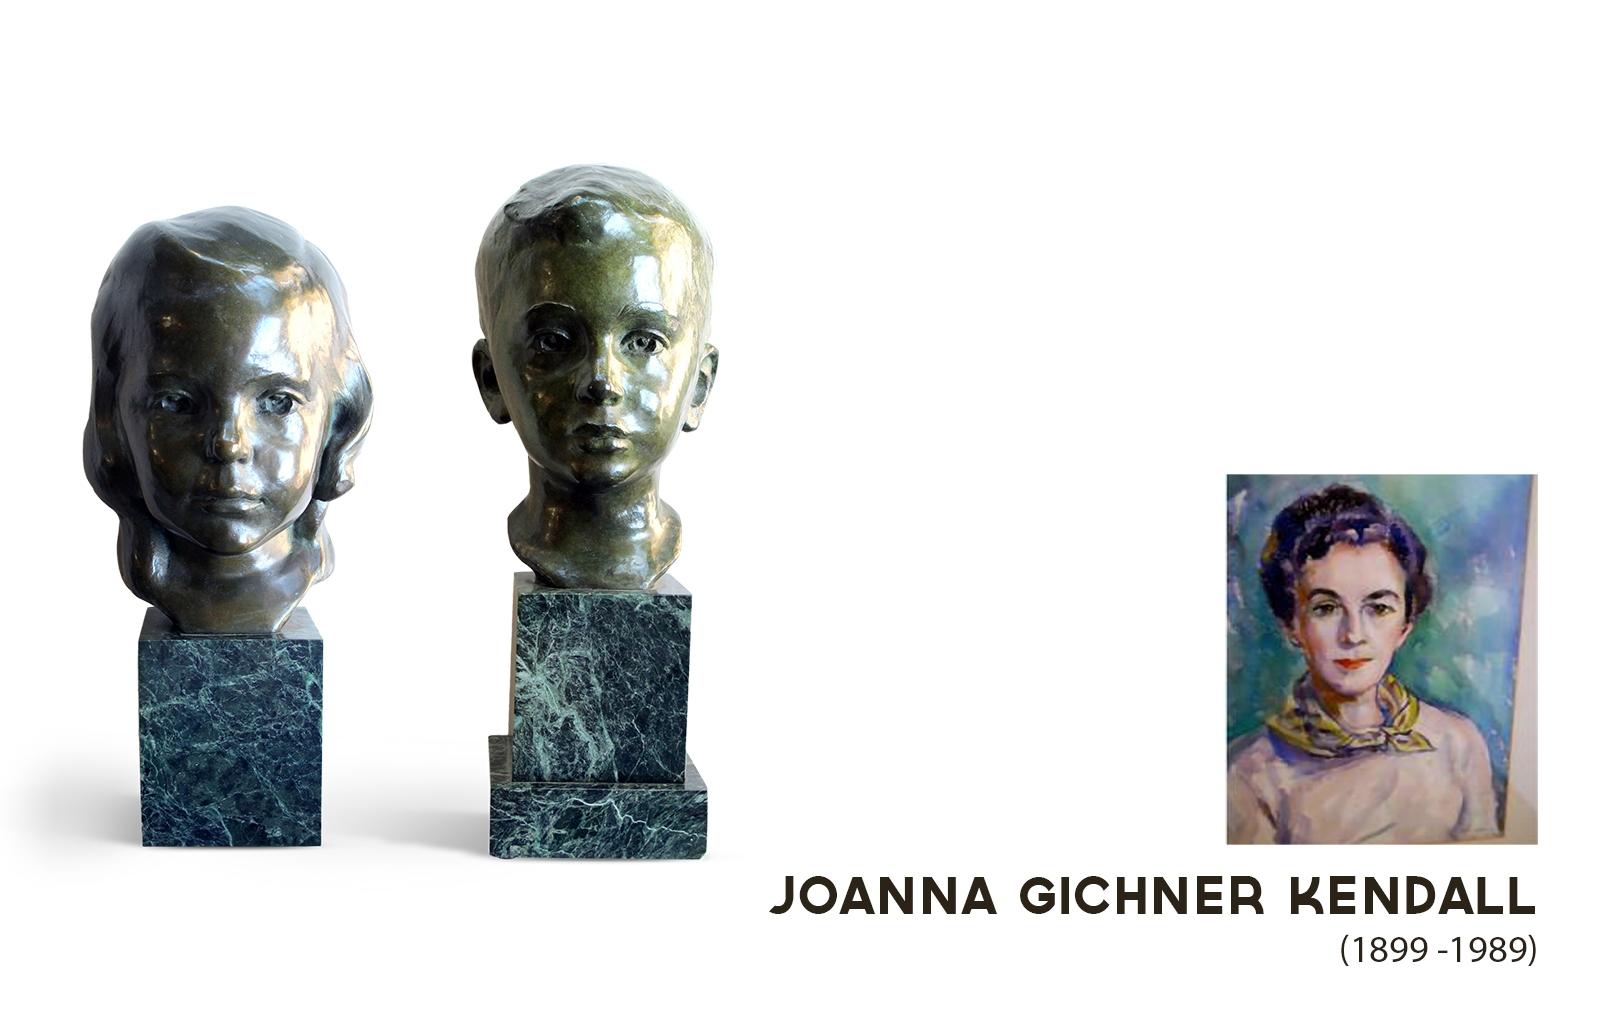 Joanna Gichner Kendall , J.G. Kendall, Sculptor 1940's.